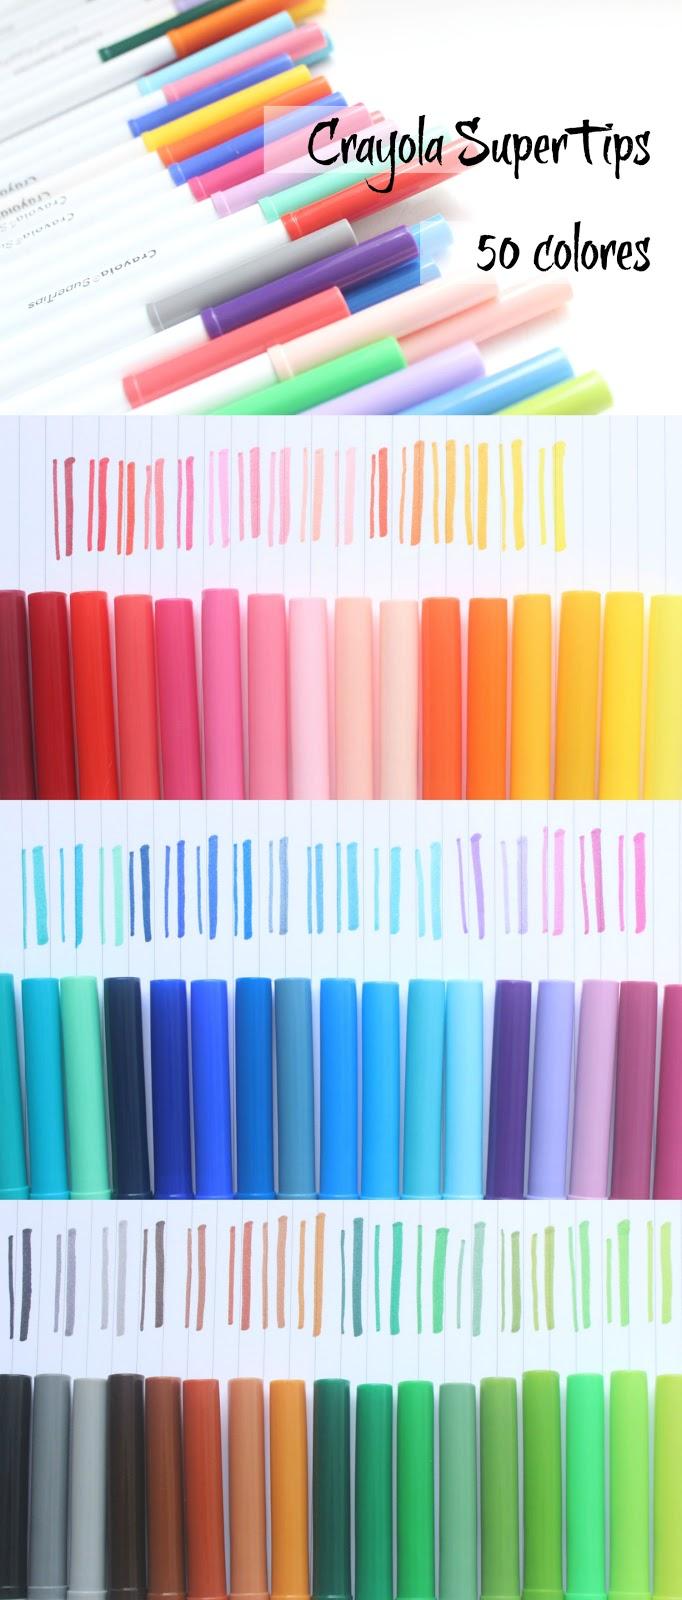 crayola_supertips_peru_kiylu_blog_reseña